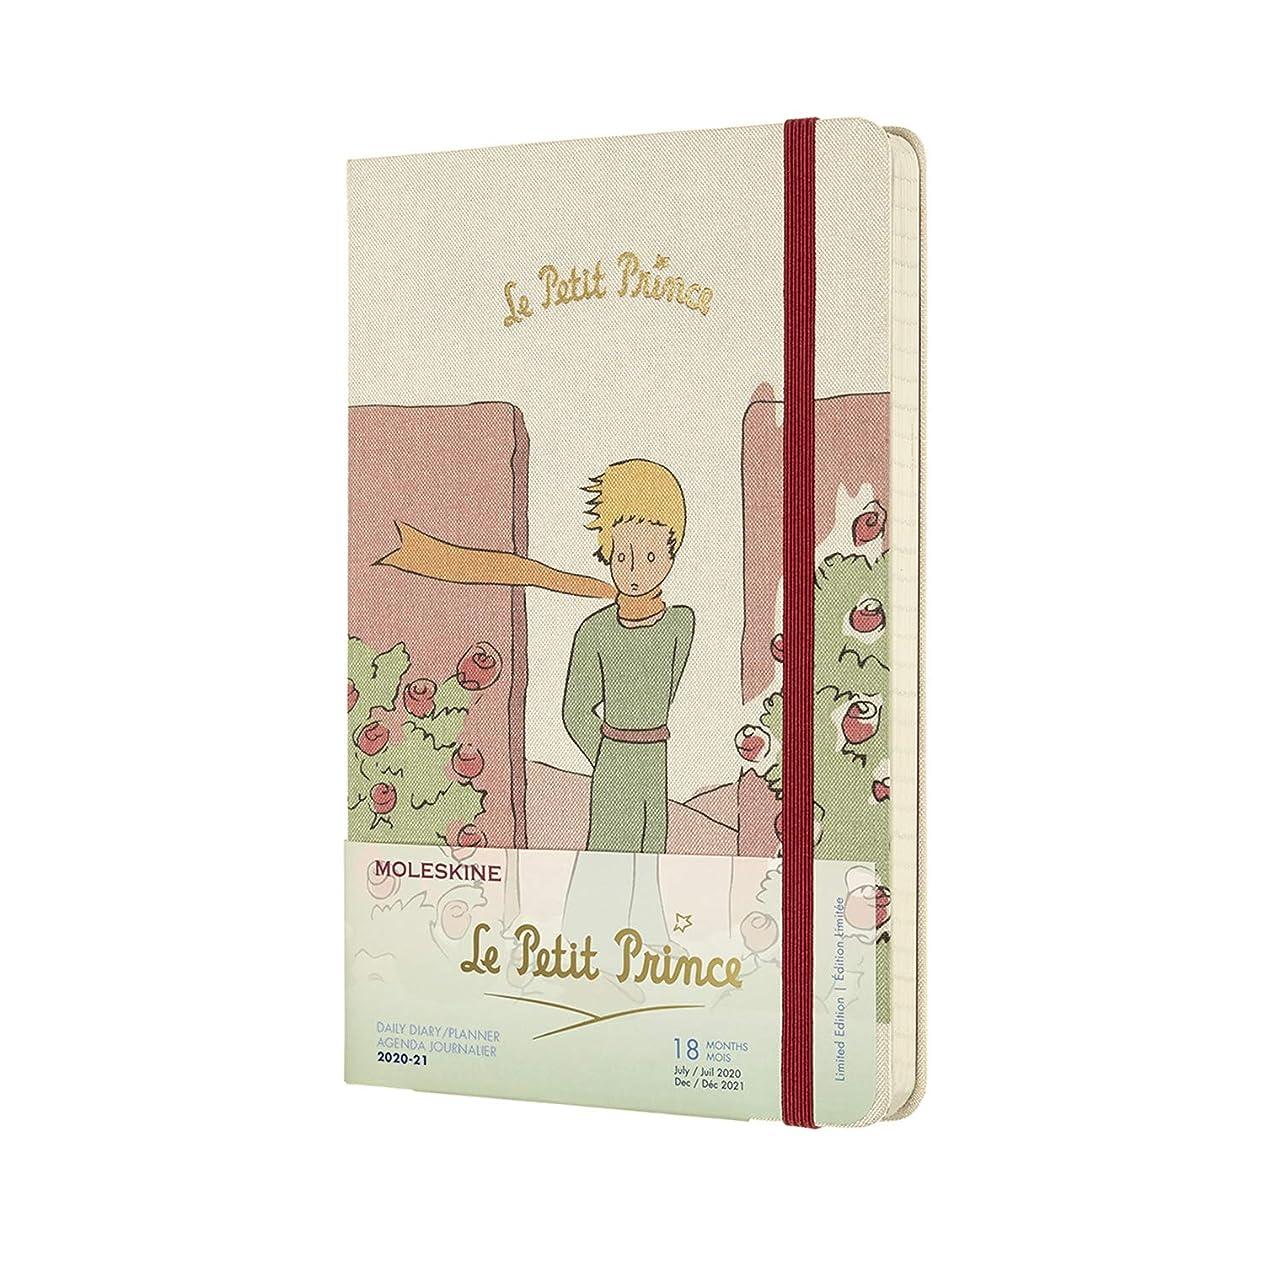 立派なバタフライ明らかにするMoleskine 2020-21 Petit Prince Daily Planner, 18M, Large, Roses, Hard Cover (5 x 8.25)